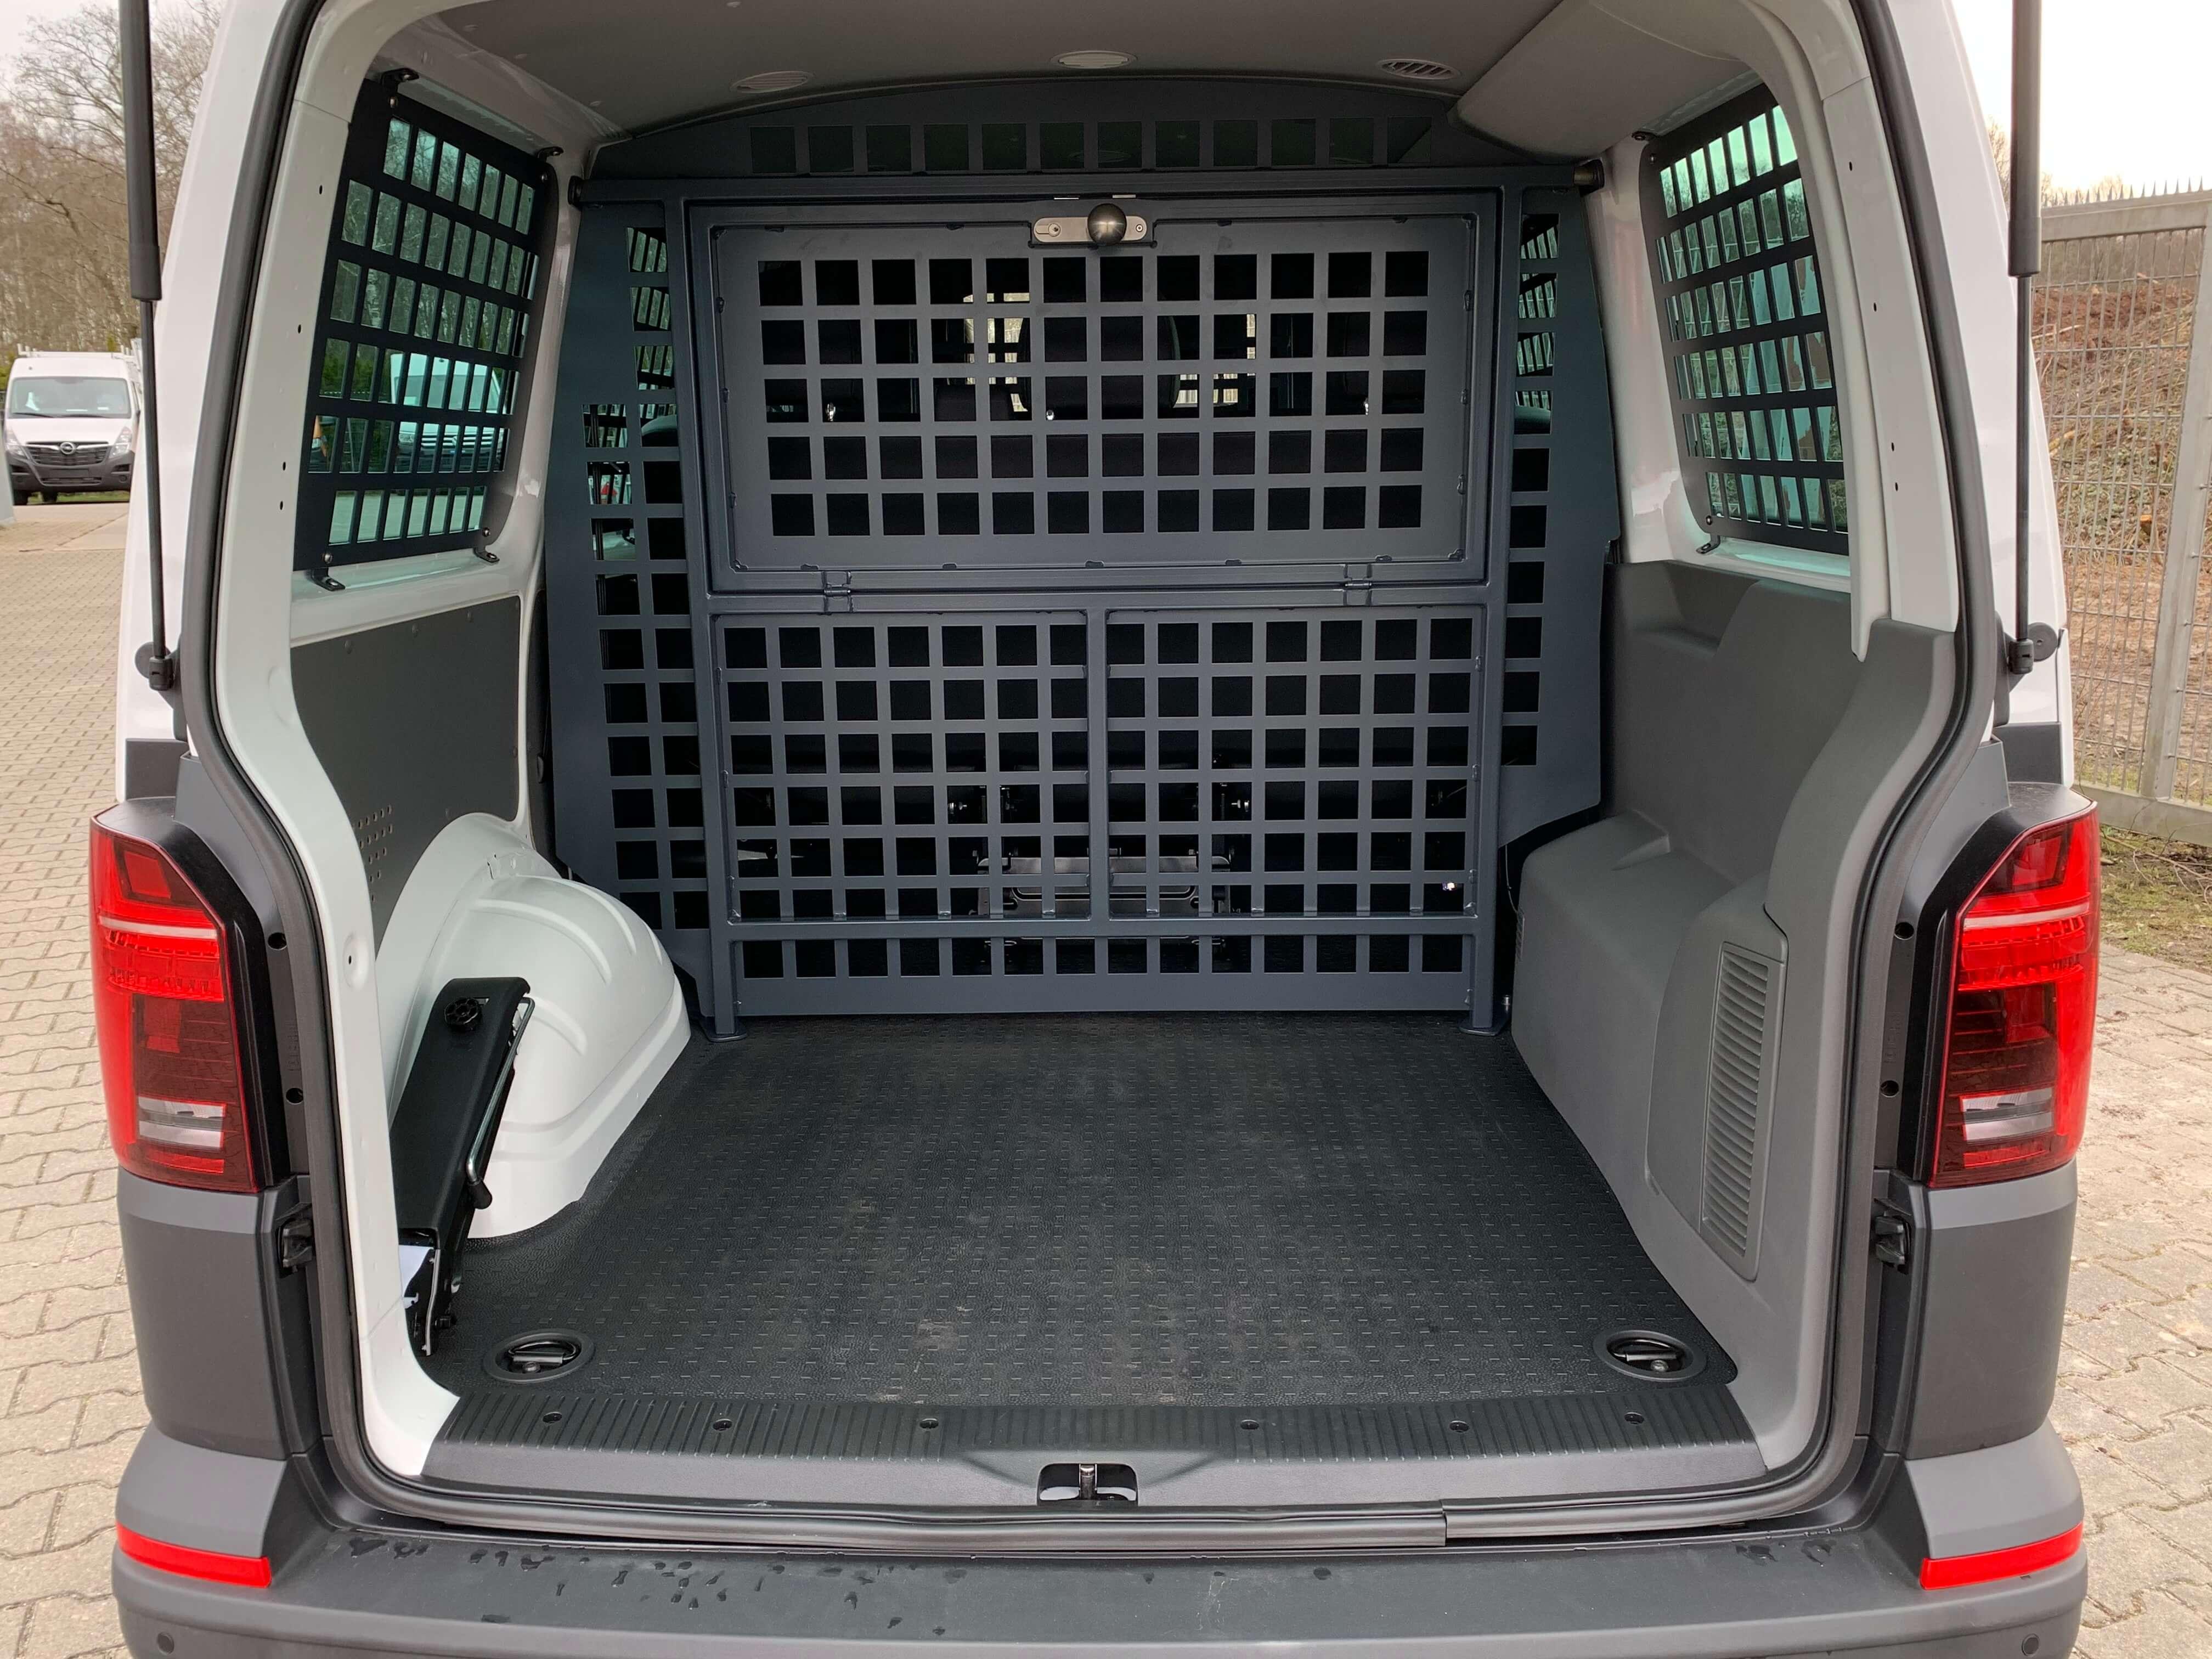 Volkswagen Transporter T6.1 Kombi mit Ausbau zum Gefangenentransporter (2)